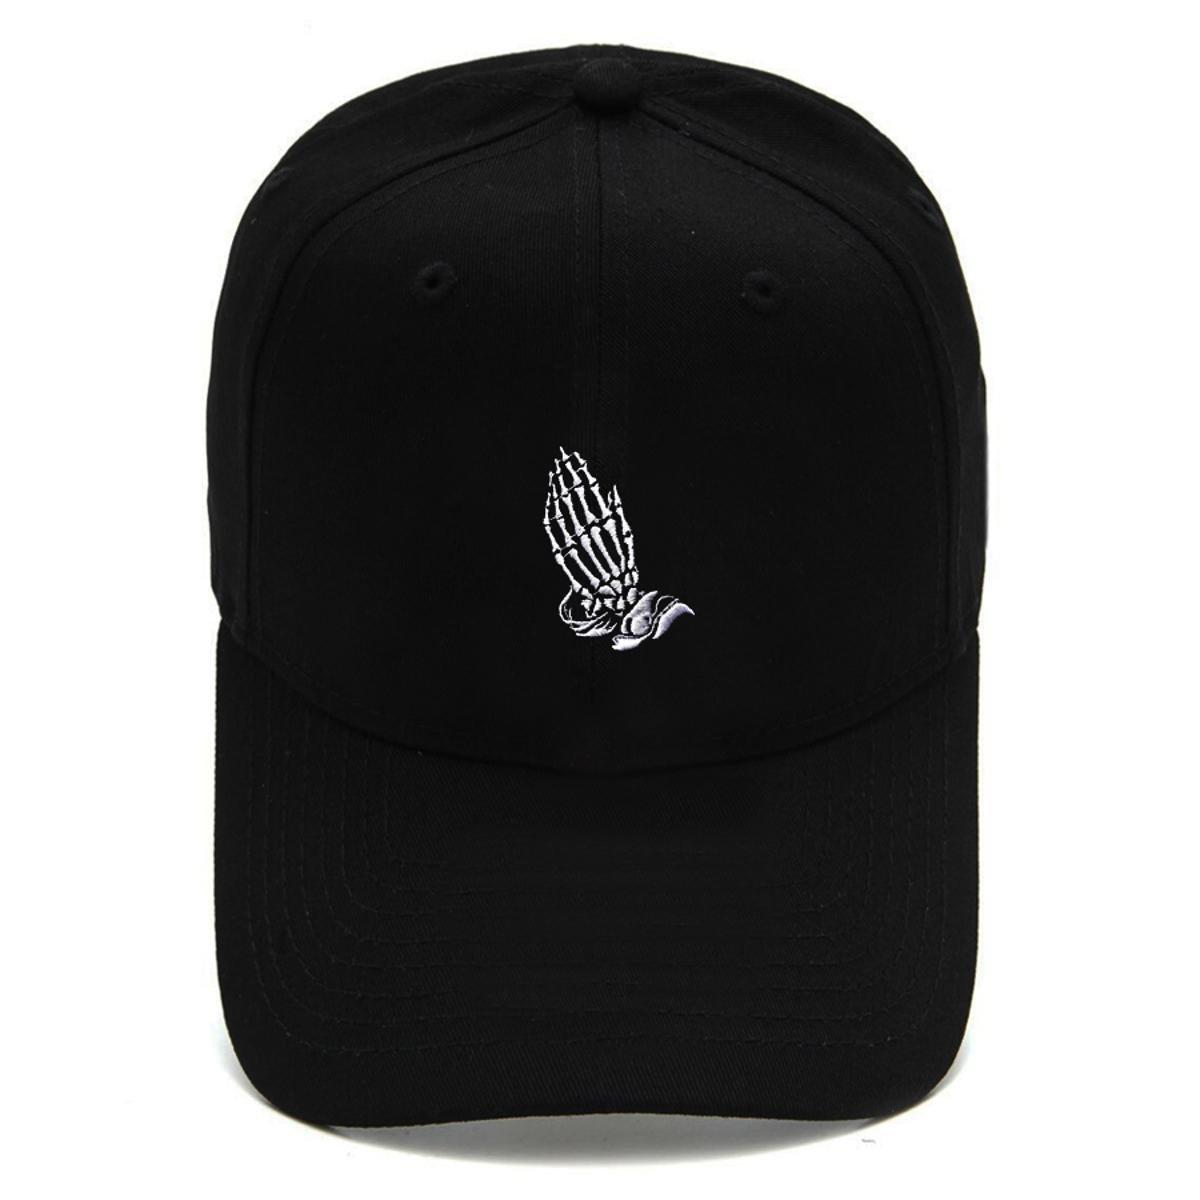 Boné Strapback Dad Hat Aba Curva Blessed Preto